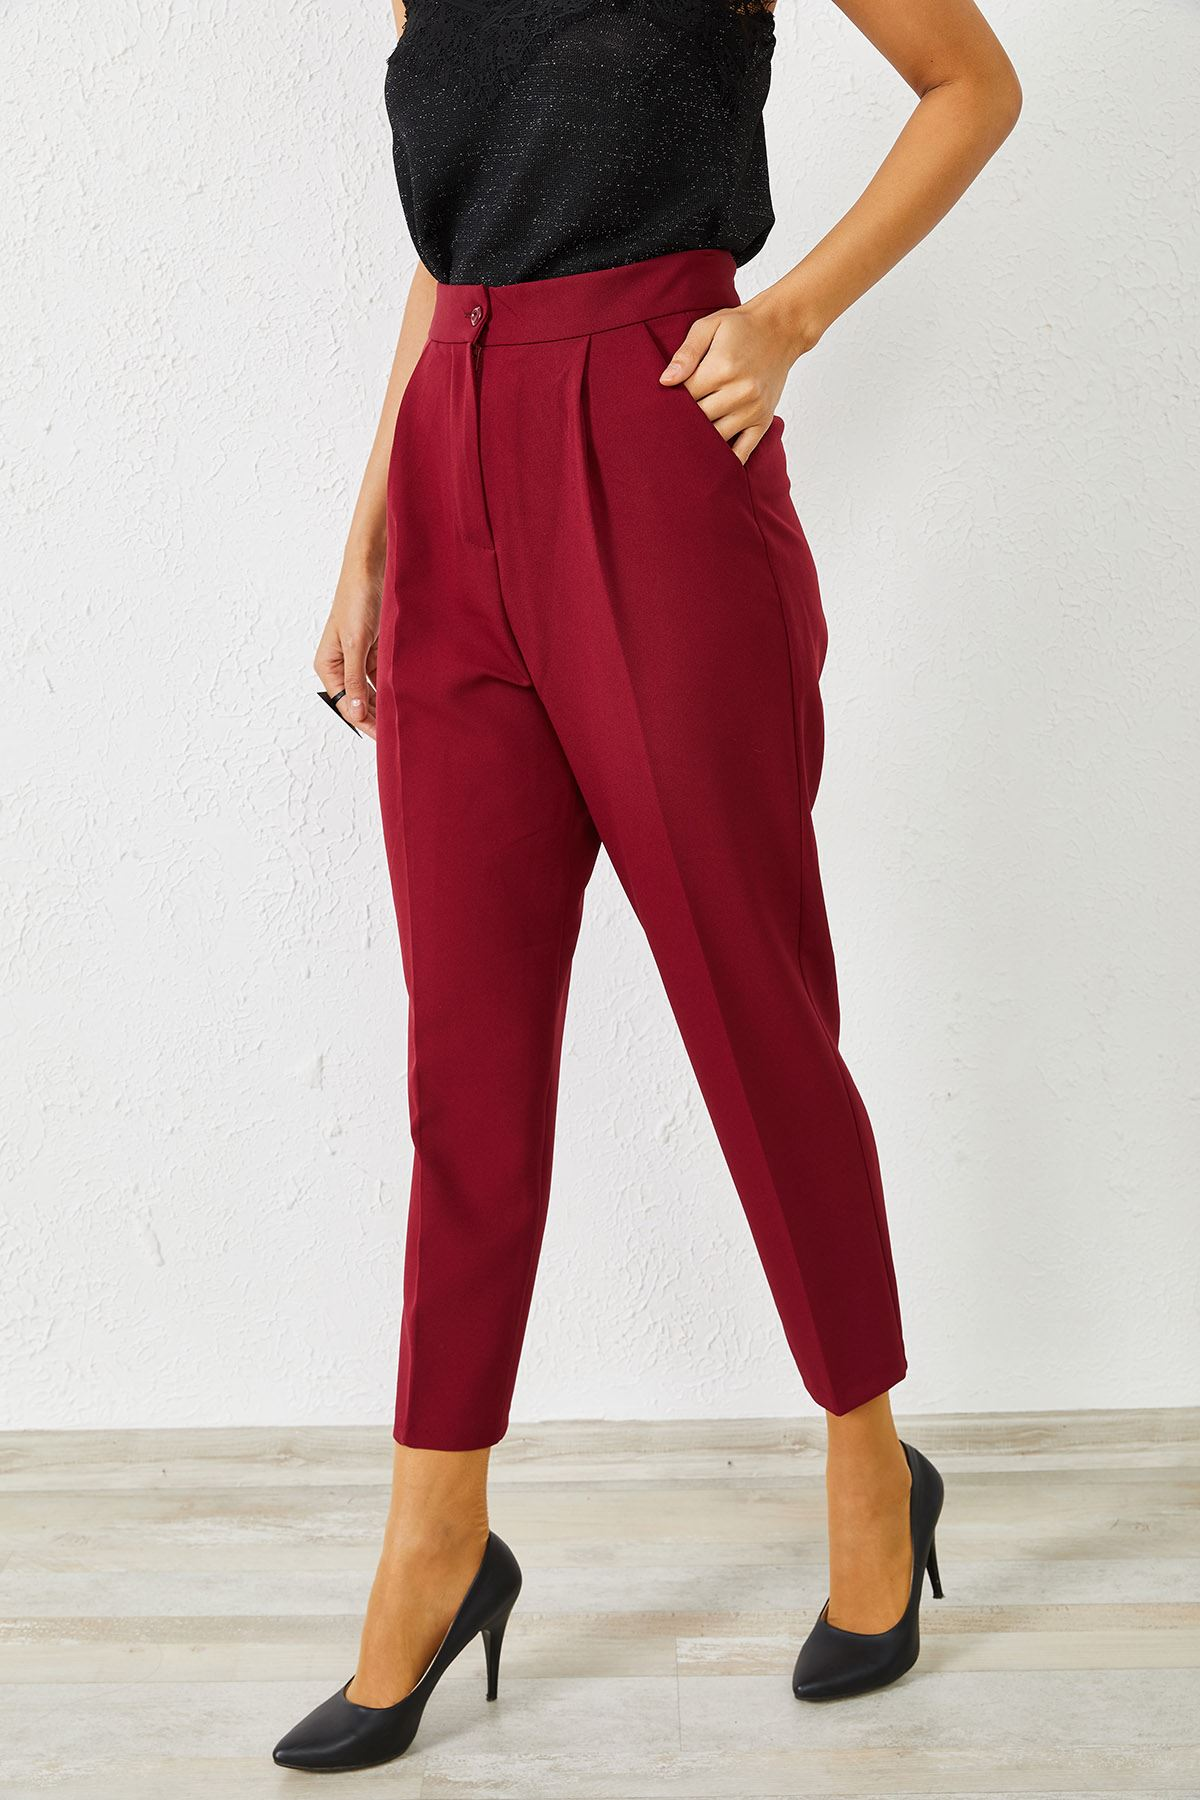 Kadın Klasik Bordo Kalem Pantolon